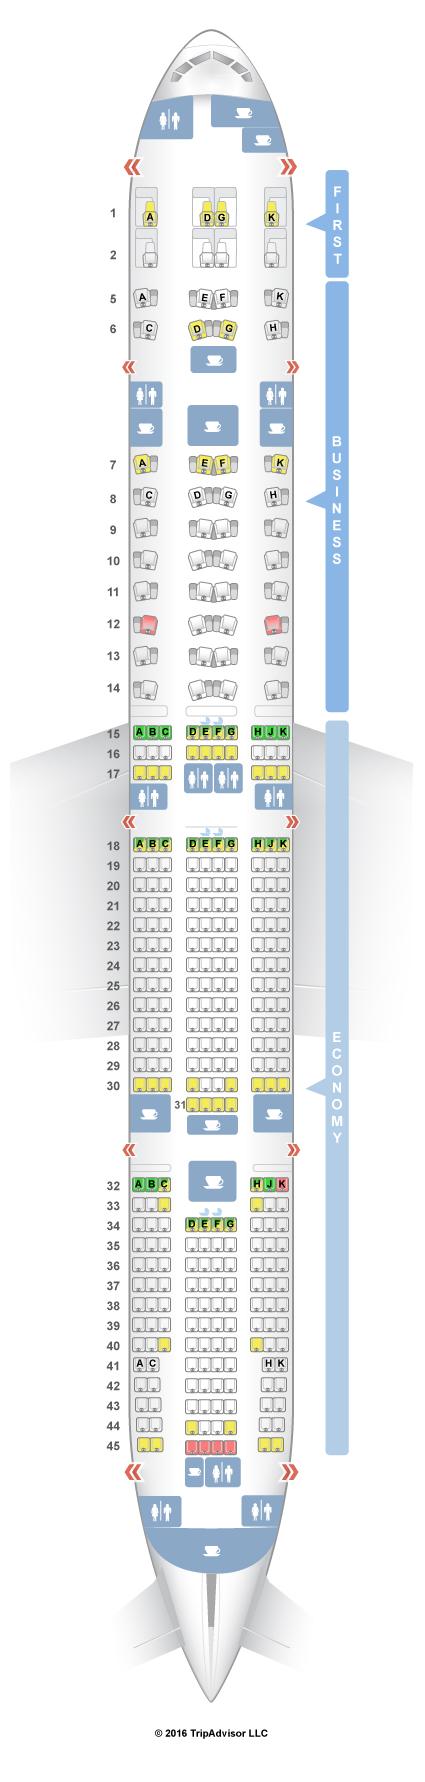 boeing 777 300er seat guru air france. Black Bedroom Furniture Sets. Home Design Ideas